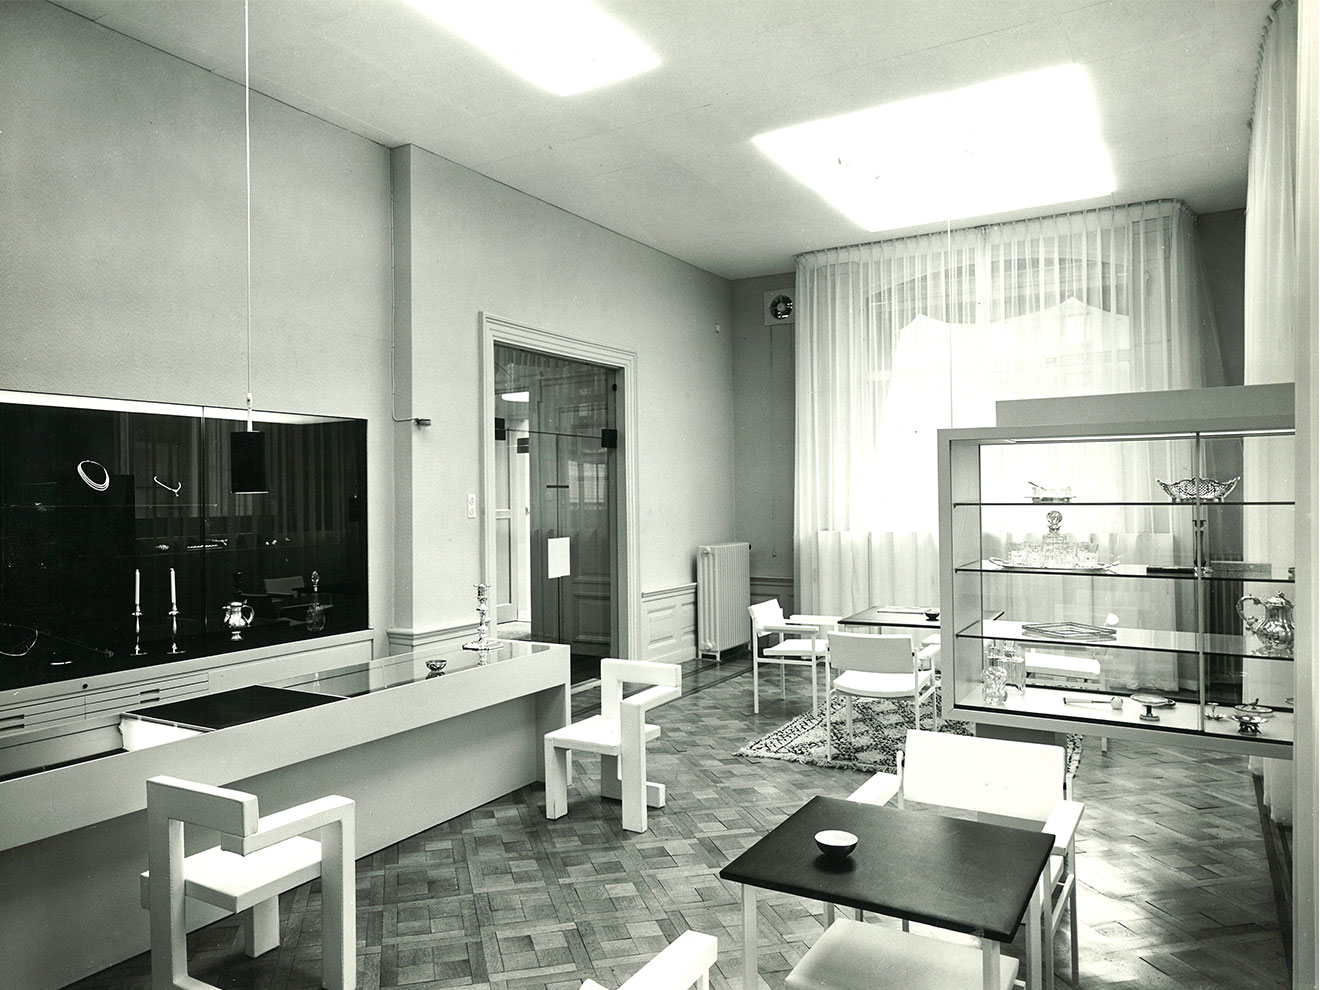 Stoel Gerrit Rietveld : Oorspronkelijke steltman stoel rietveld te koop de architect